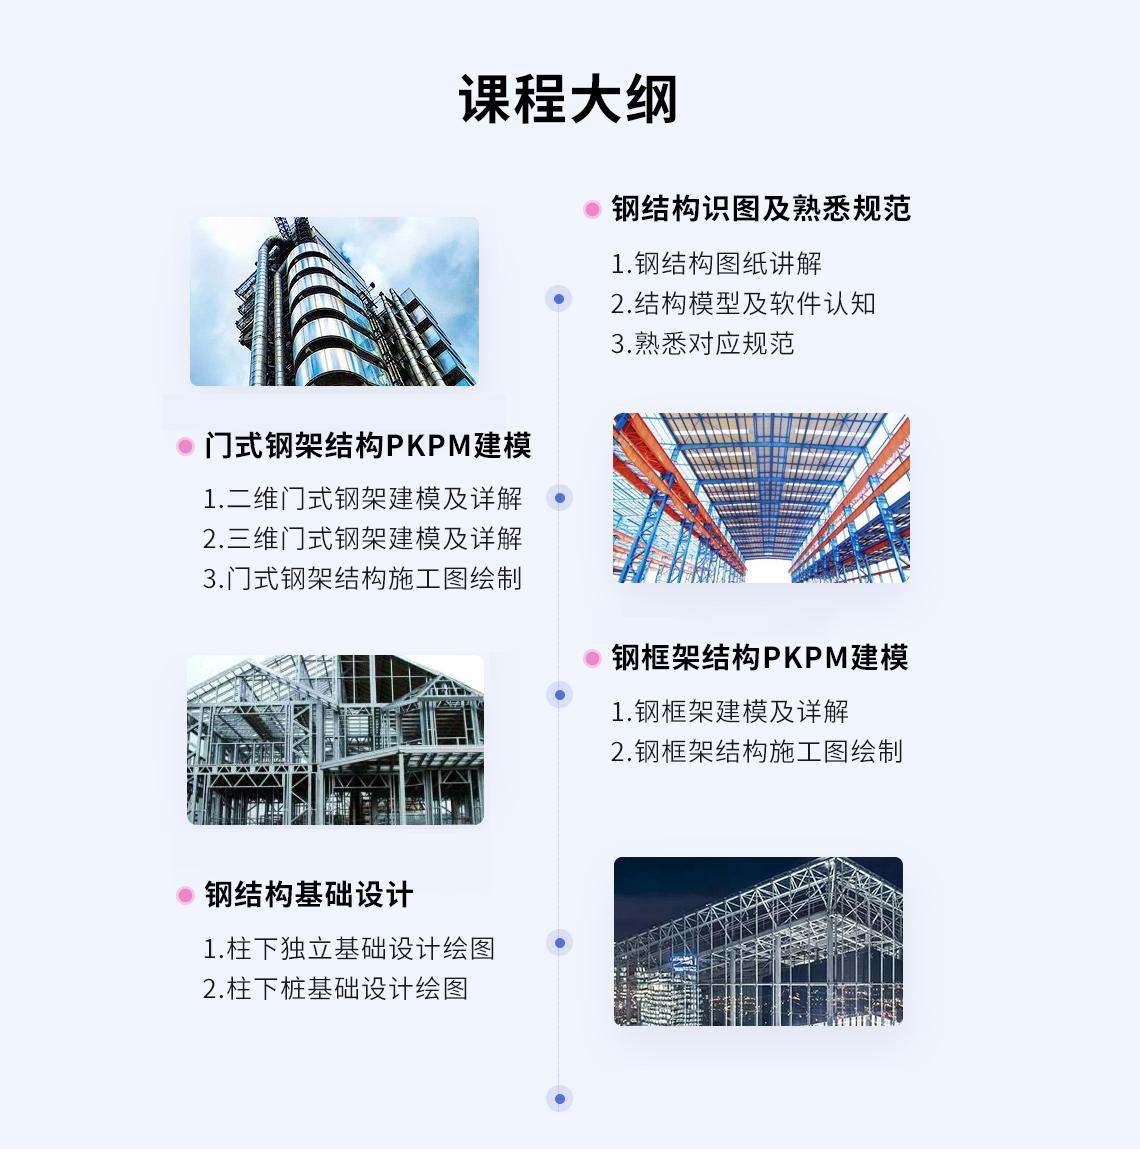 通过课程学习,你将掌握 钢结构识图及相关规范 门式钢架结构建模+施工图绘制 钢框架结构建模+施工图绘制 钢结构基础设计